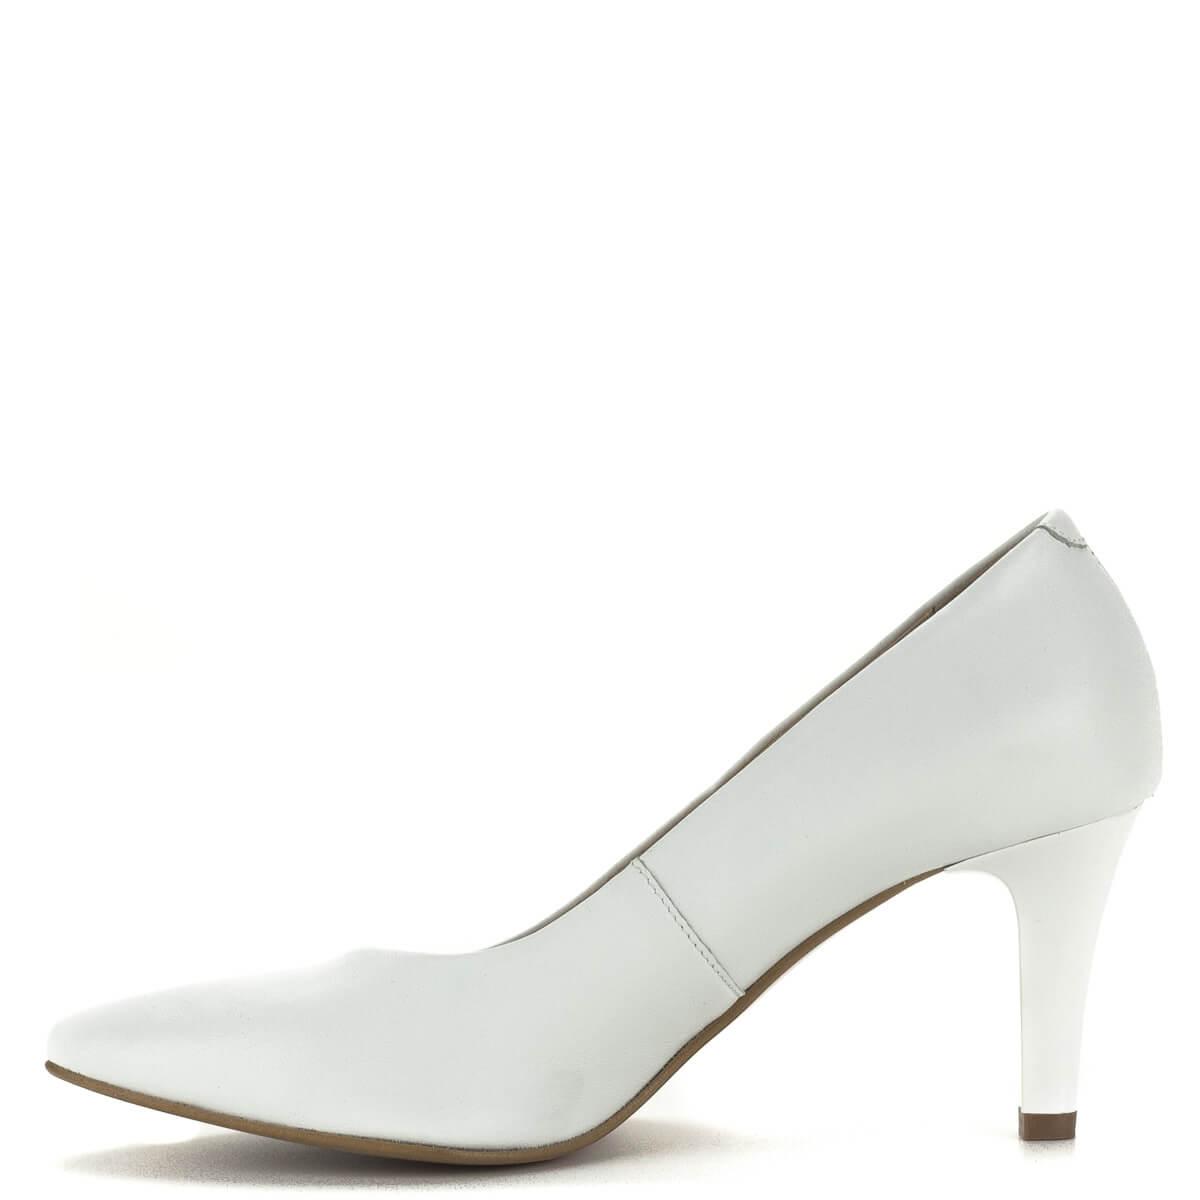 6d113a2e8736 ... Magassarkú fehér Bioeco cipő bőrből, 7 cm magas sarokkal. A cipő  felsőrésze és bélése